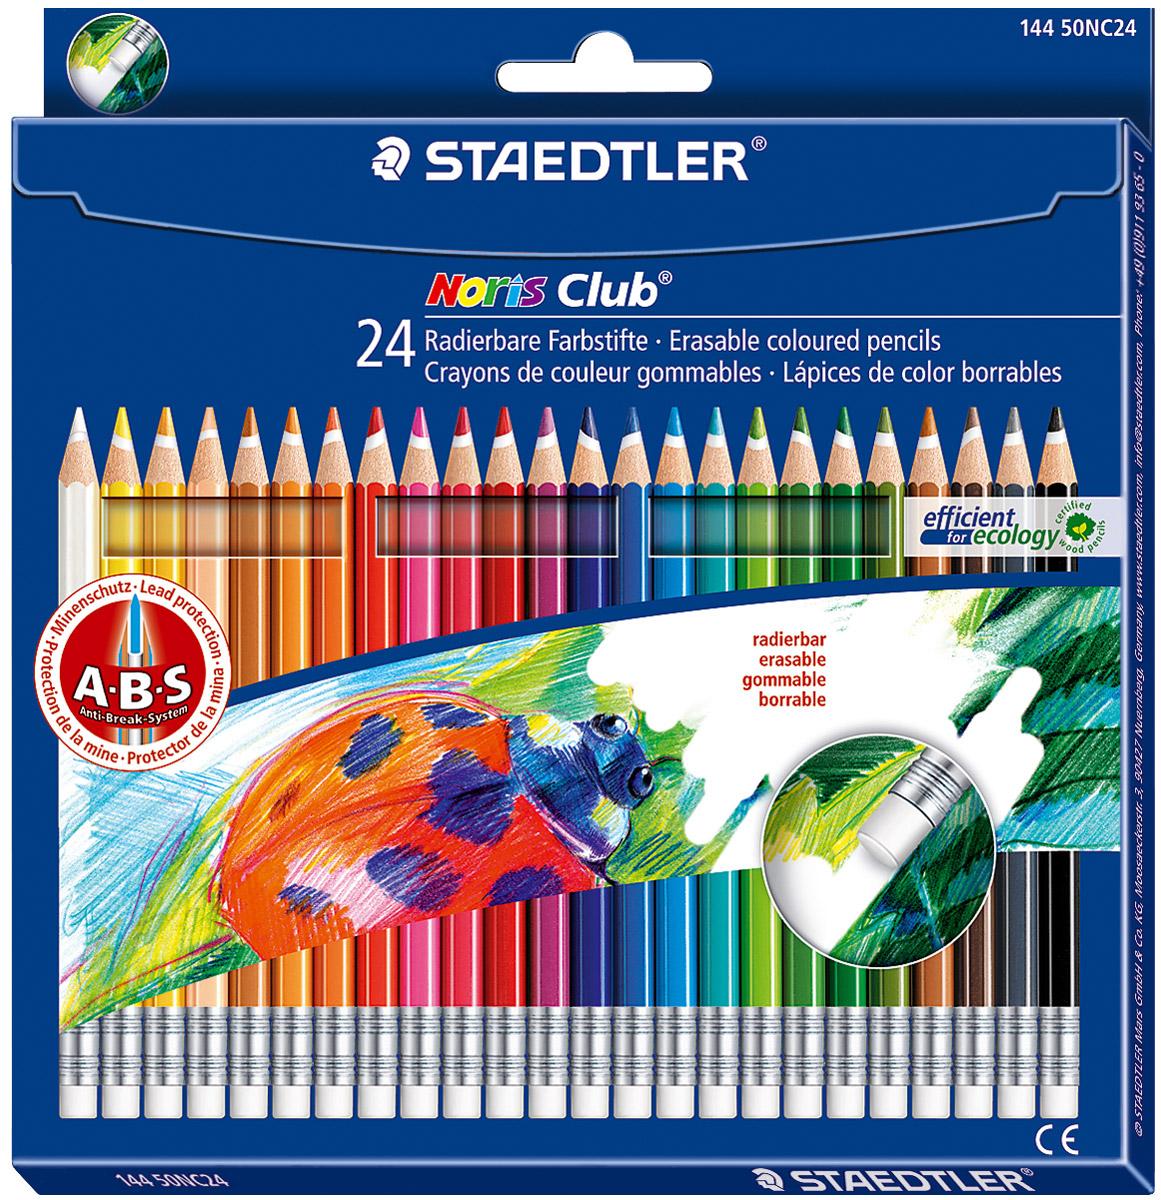 Staedtler Набор цветных карандашей Noris Club 24 шт14450NC24Цветные карандаши с ABS системой. Стираются ластиком! Белое защитное кольцо усиливает грифель и повышает его ударопрочность. Грифель не ломается и не крошится при заточке. Корпус карандашей выполнен из сертифицированной особо прочной древесины. В наборе 24 карандаша ярких насыщенных цветов.